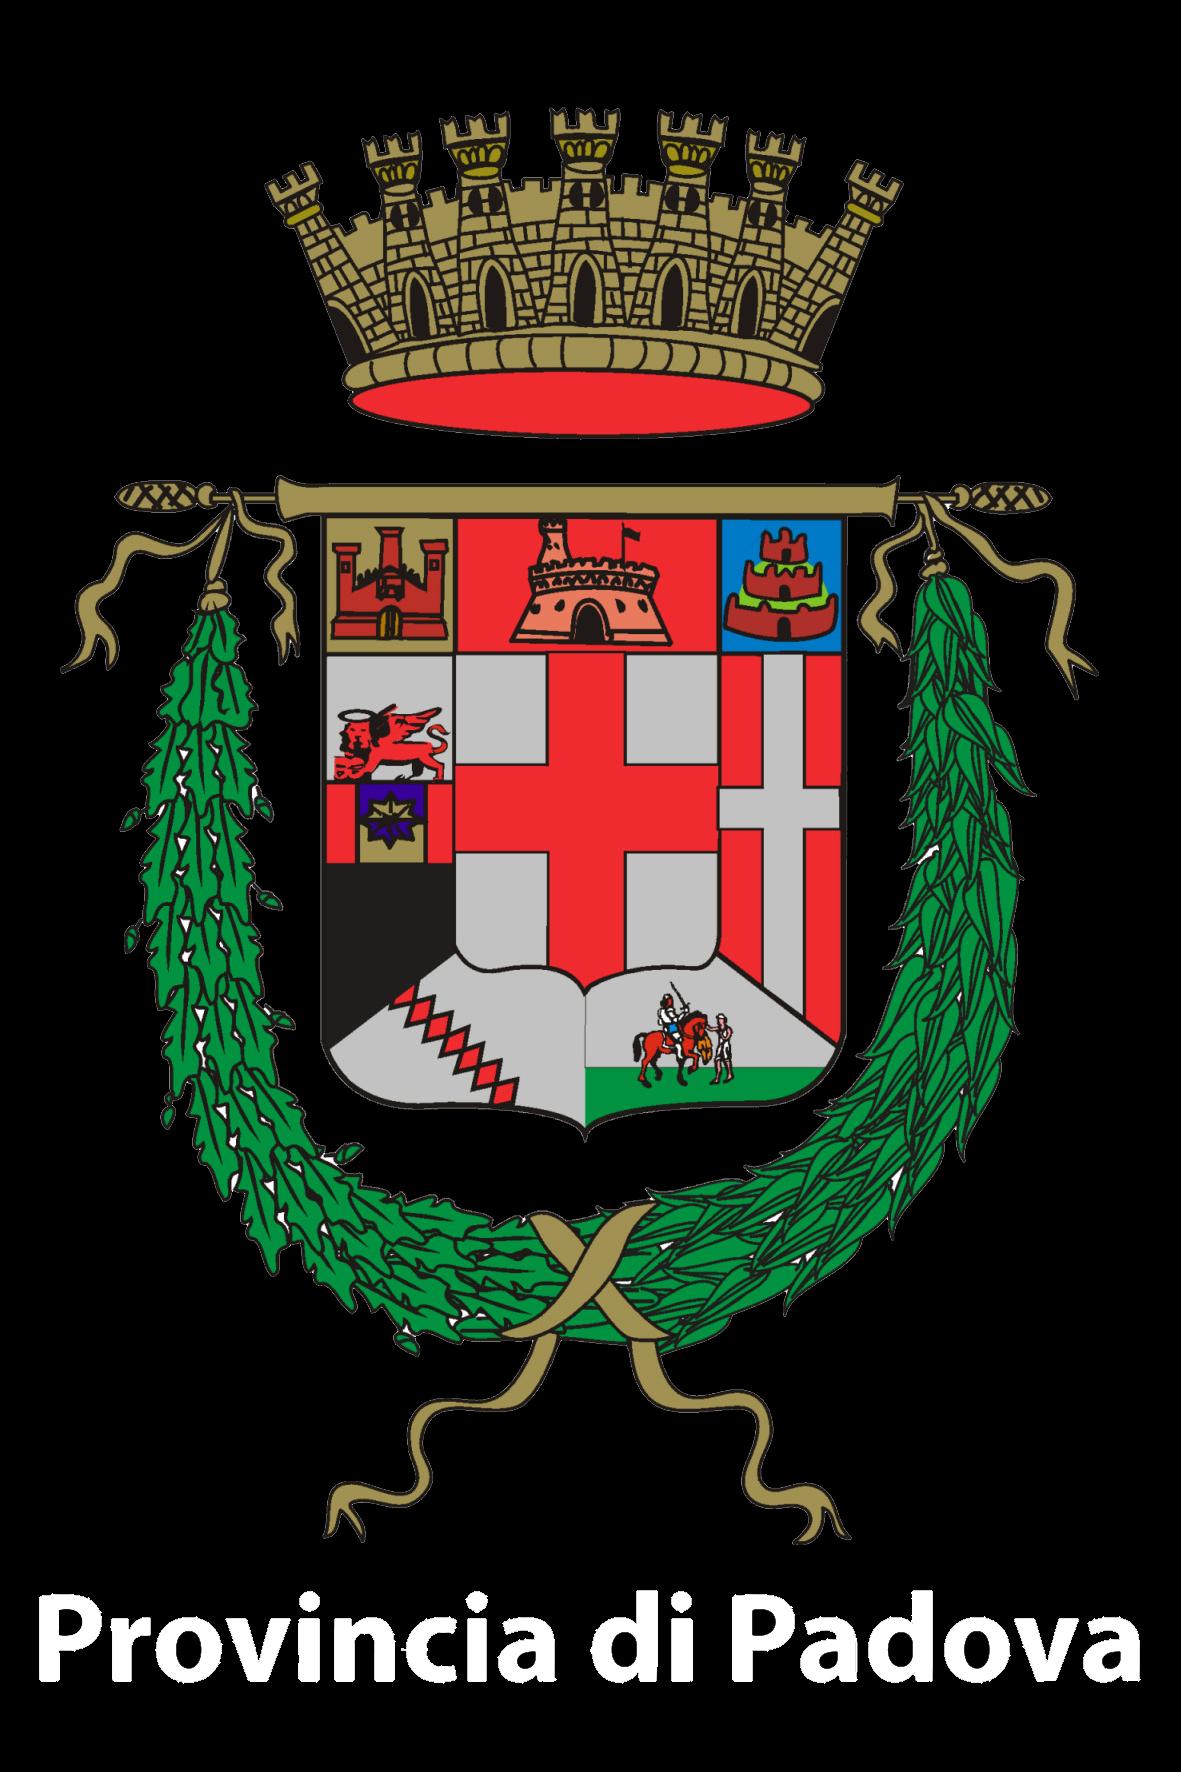 stemma nero_PROVINCIA DI PADOVa